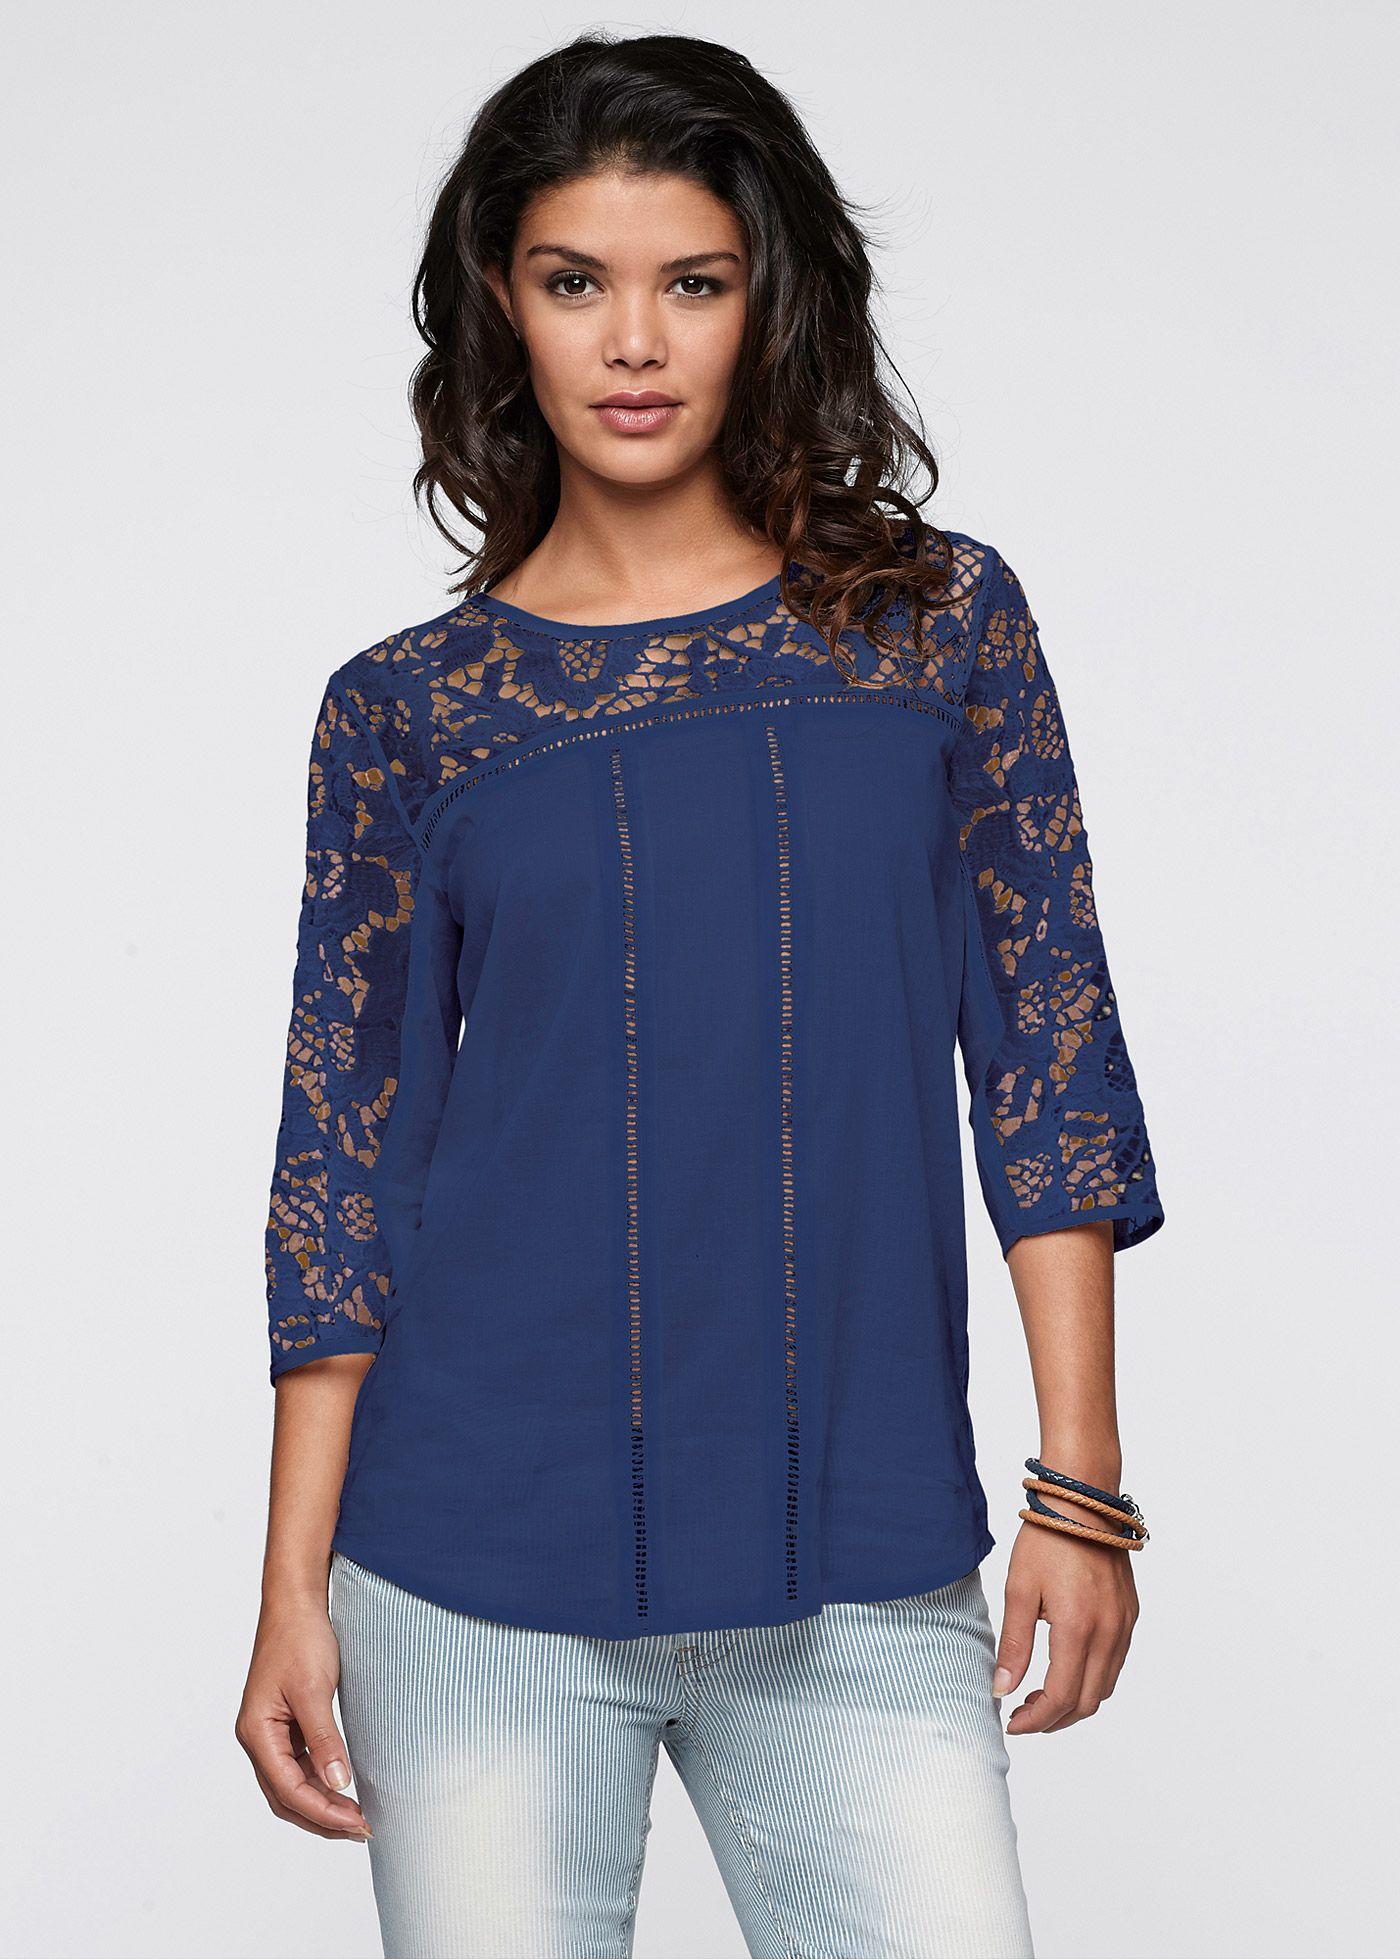 22ac30f903 Blusa com aplicação de renda azul-escuro encomendar agora na loja on-line  bonprix.de R  119